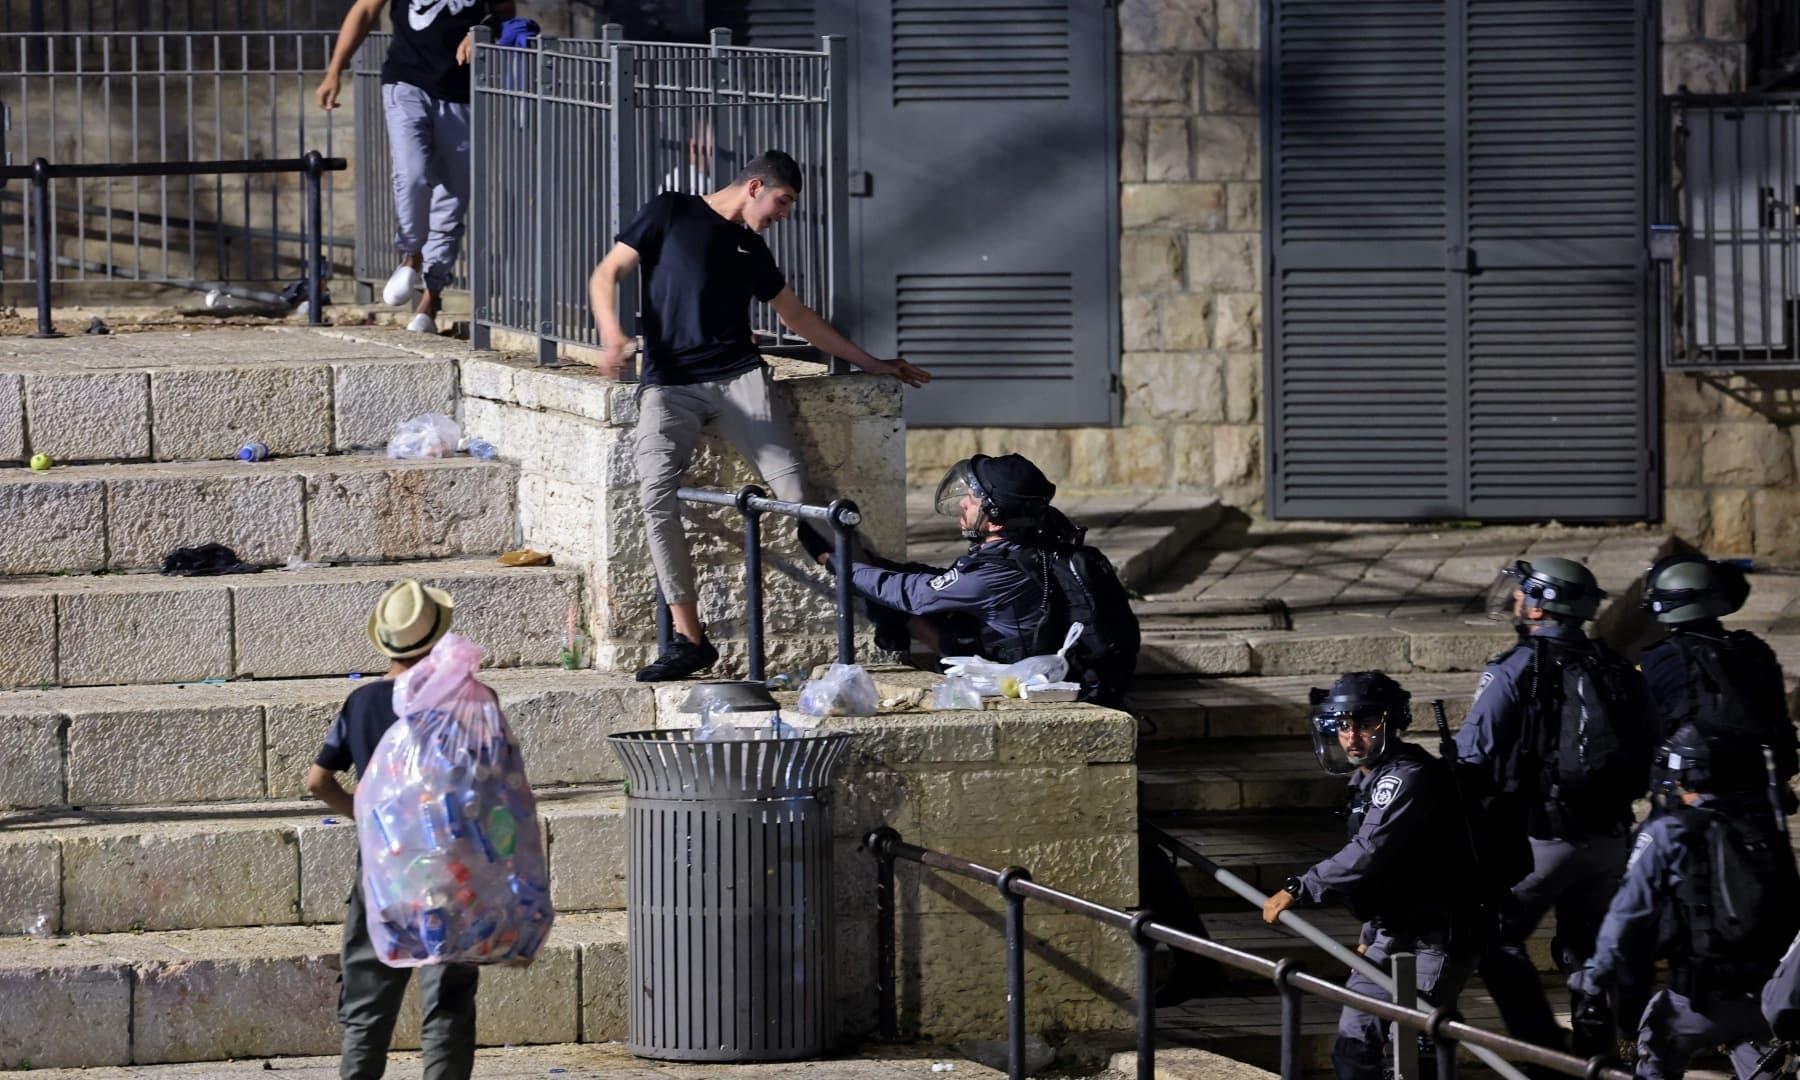 اسرائیلی فورسز نے کئی نوجوانوں کو حراست میں بھی لیا—فوٹو: اے ایف پی